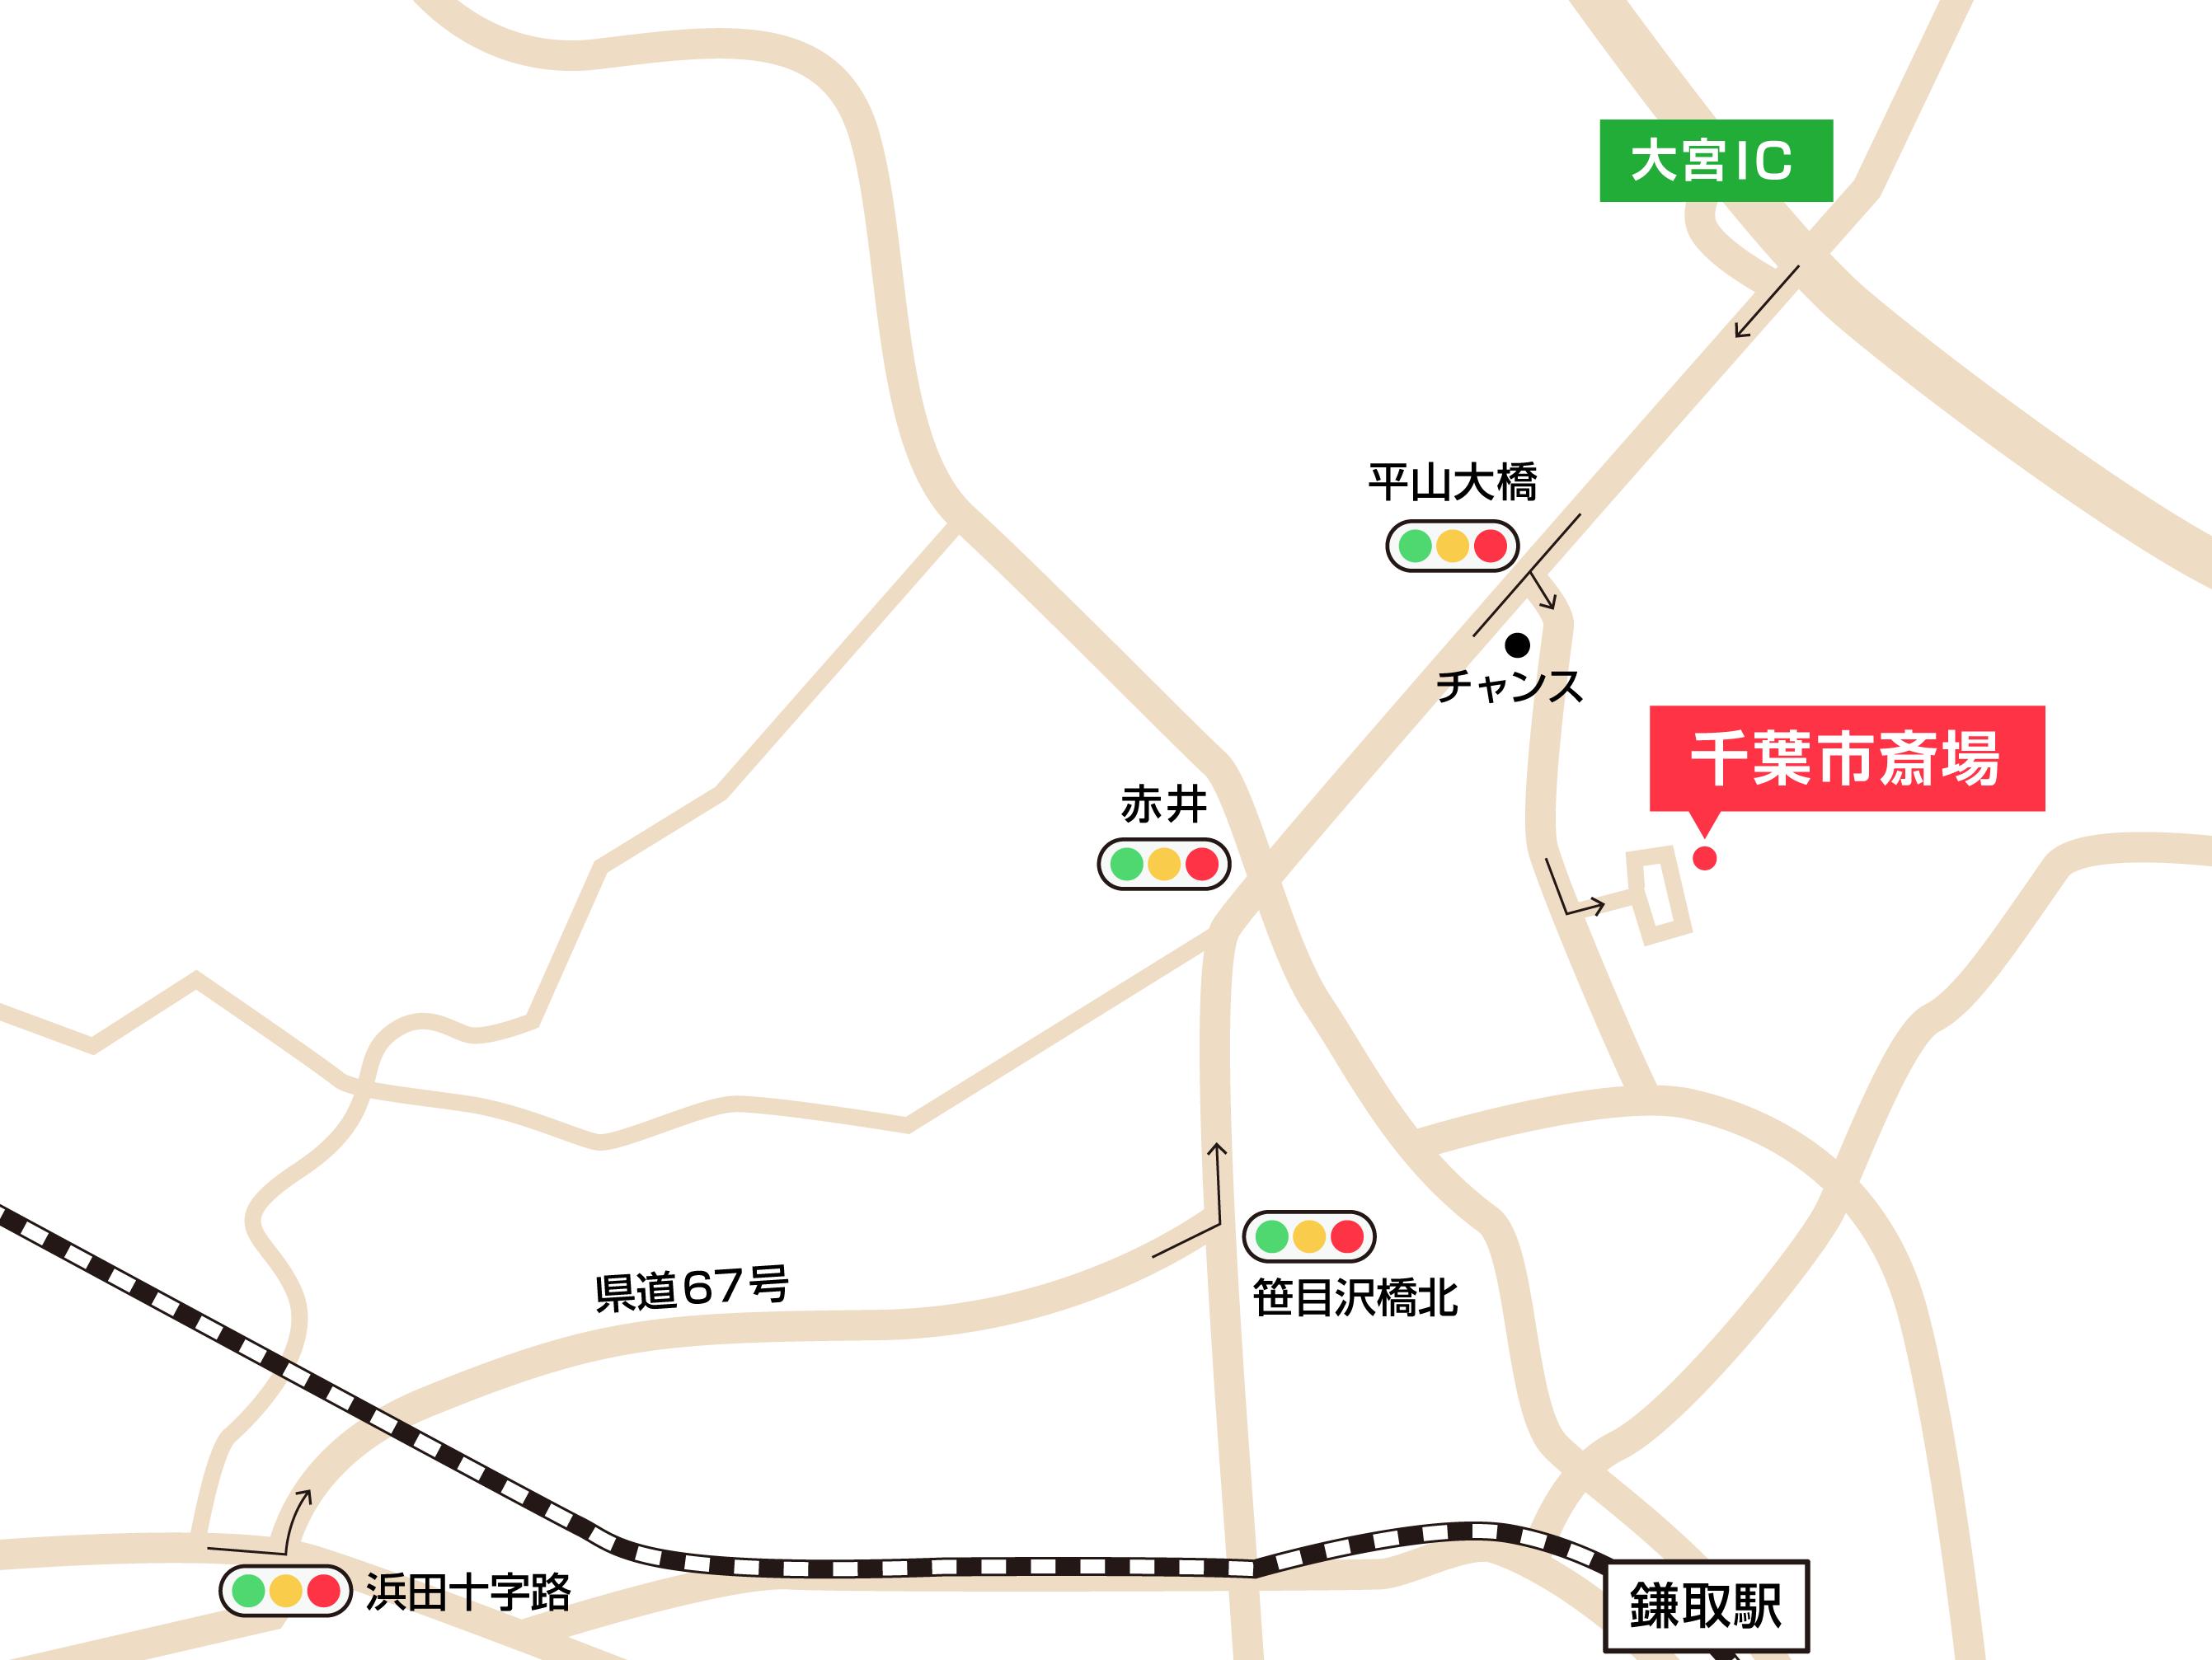 千葉市斎場への車での行き方・アクセスを記した地図